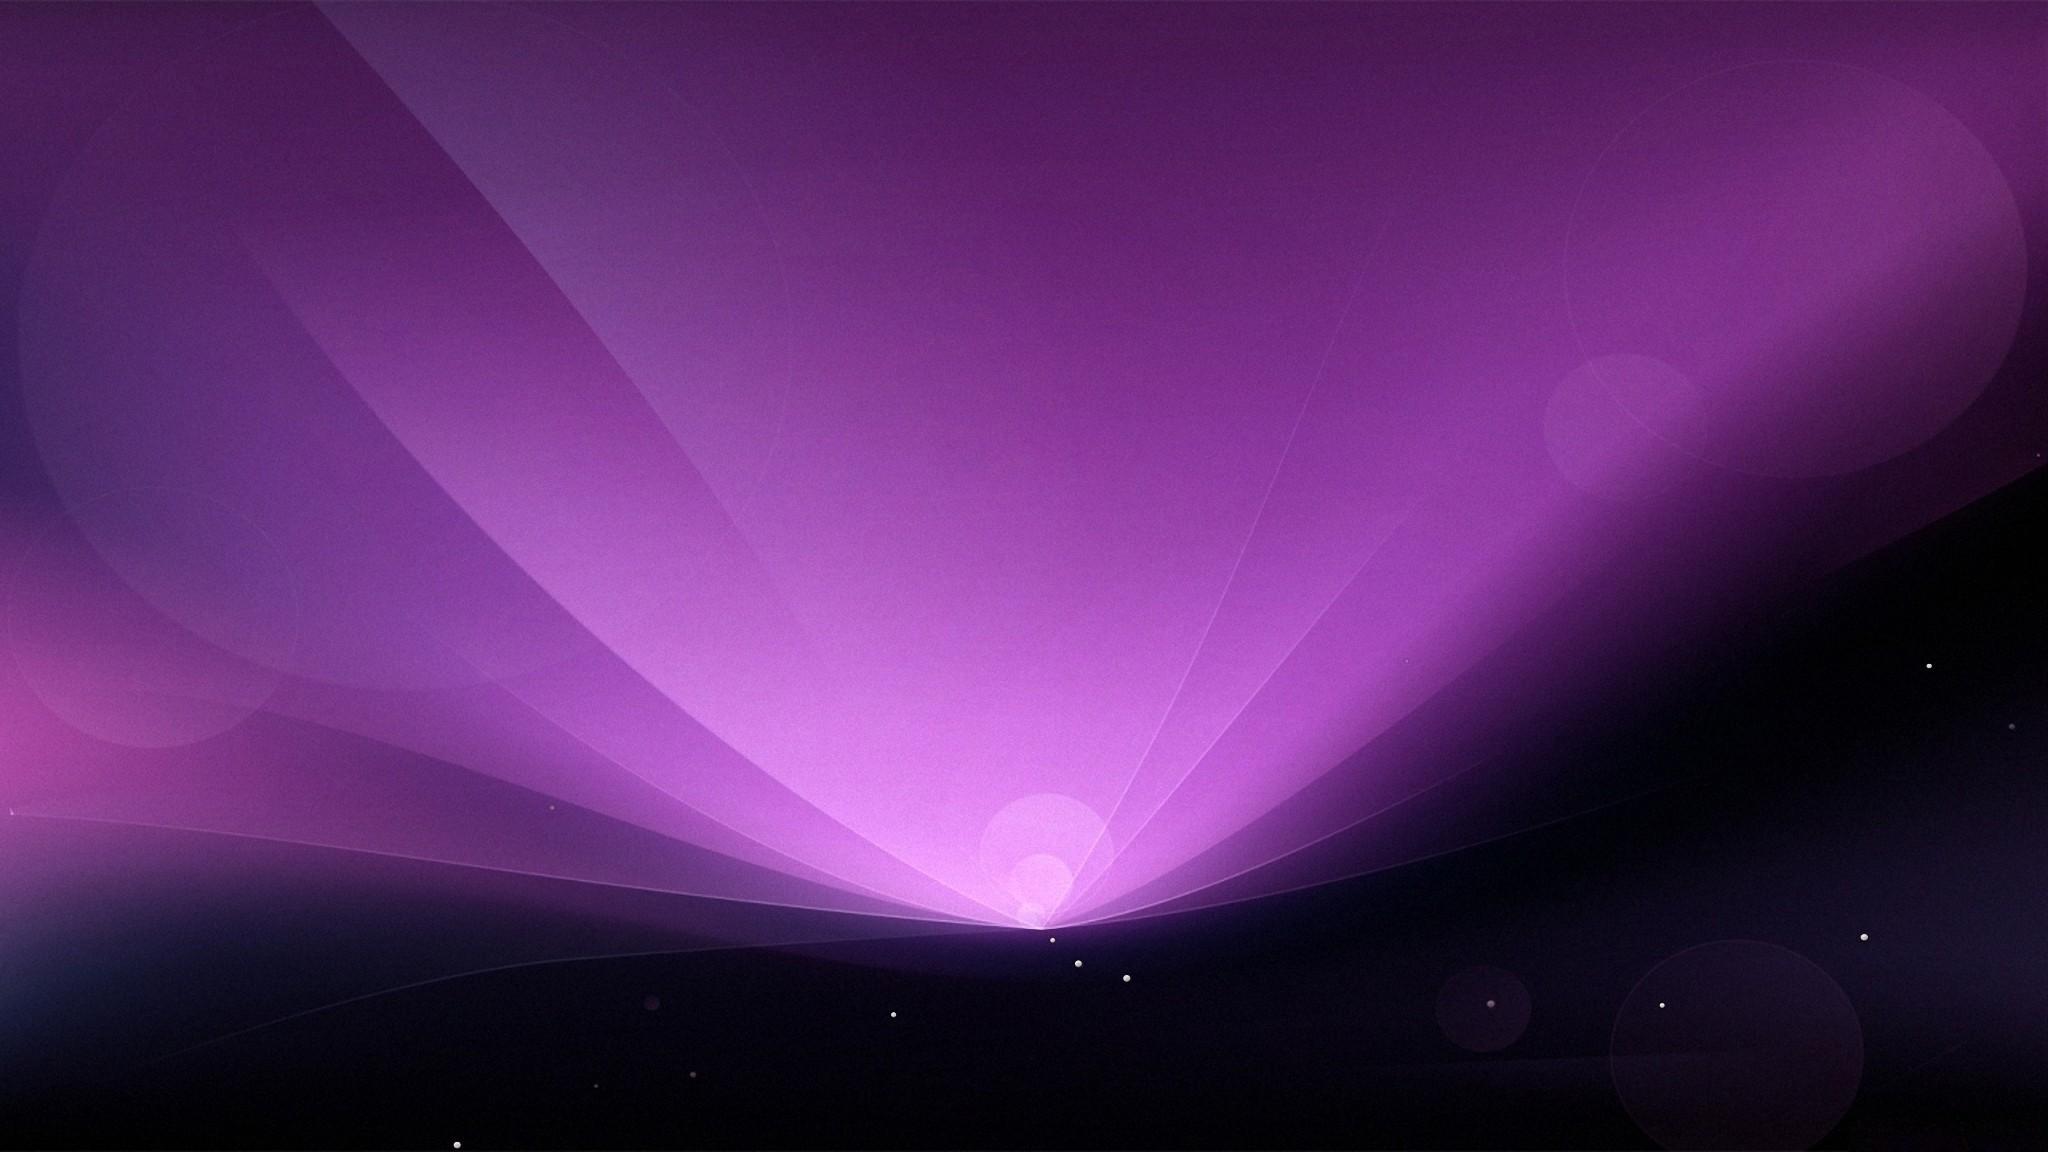 Best 25 Purple Wallpaper Ideas On Pinterest: Sfondi Mac HD (73+ Immagini